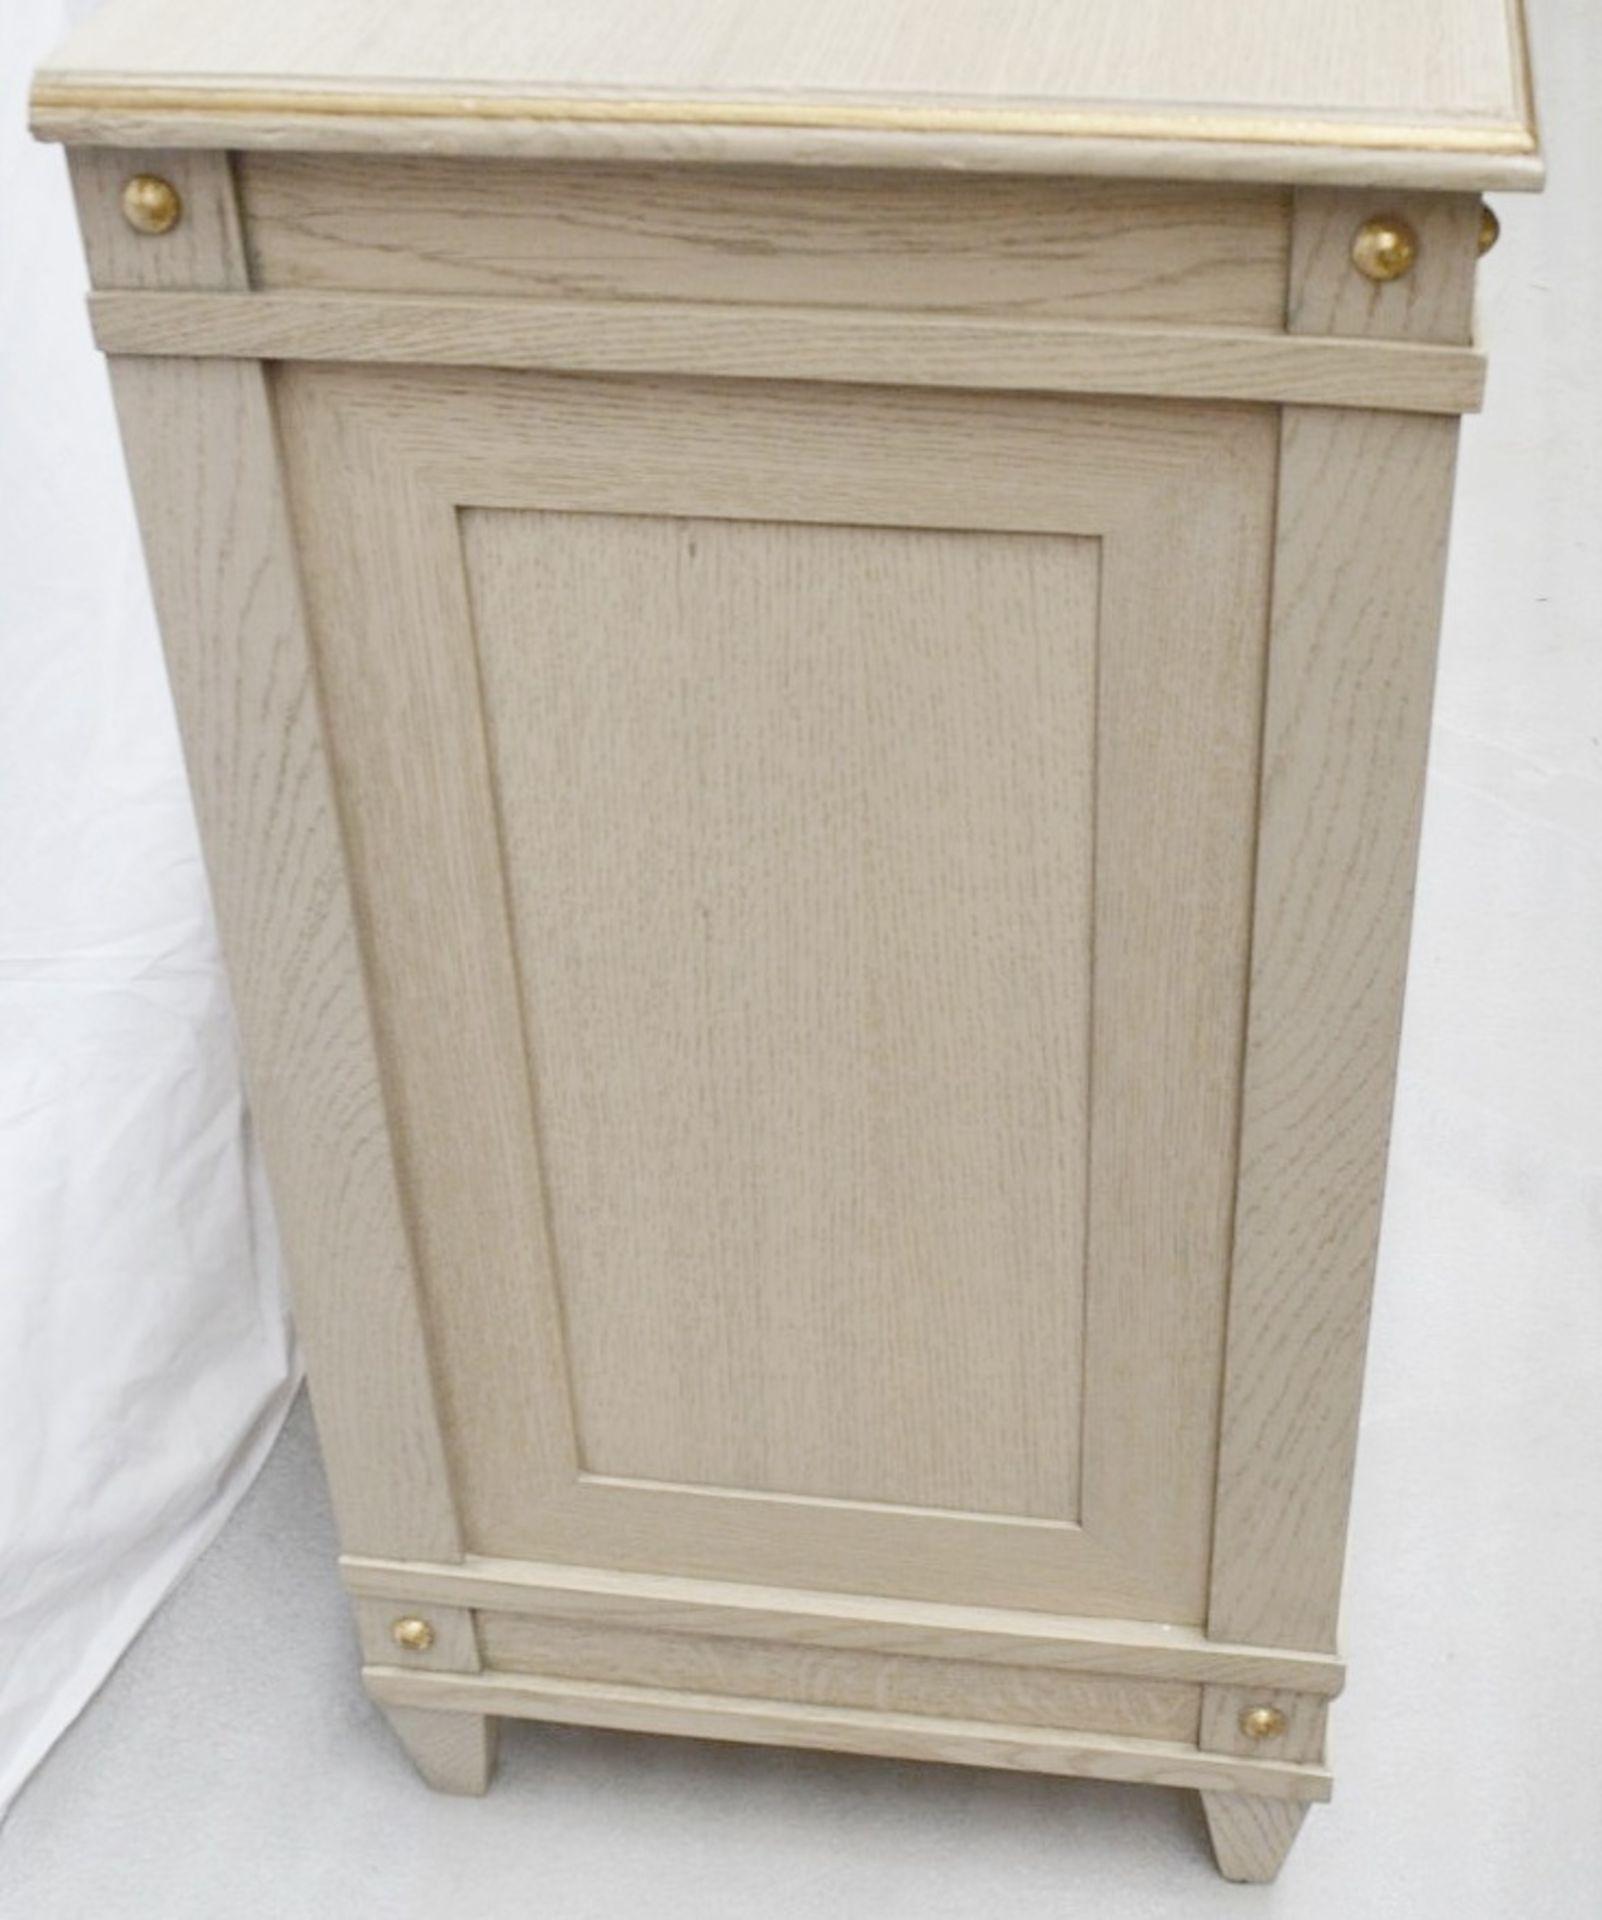 1 x JUSTIN VAN BREDA 'Monty' DesignerRegency-inspired3-Door Sideboard - Original RRP £9,700 - Image 10 of 16